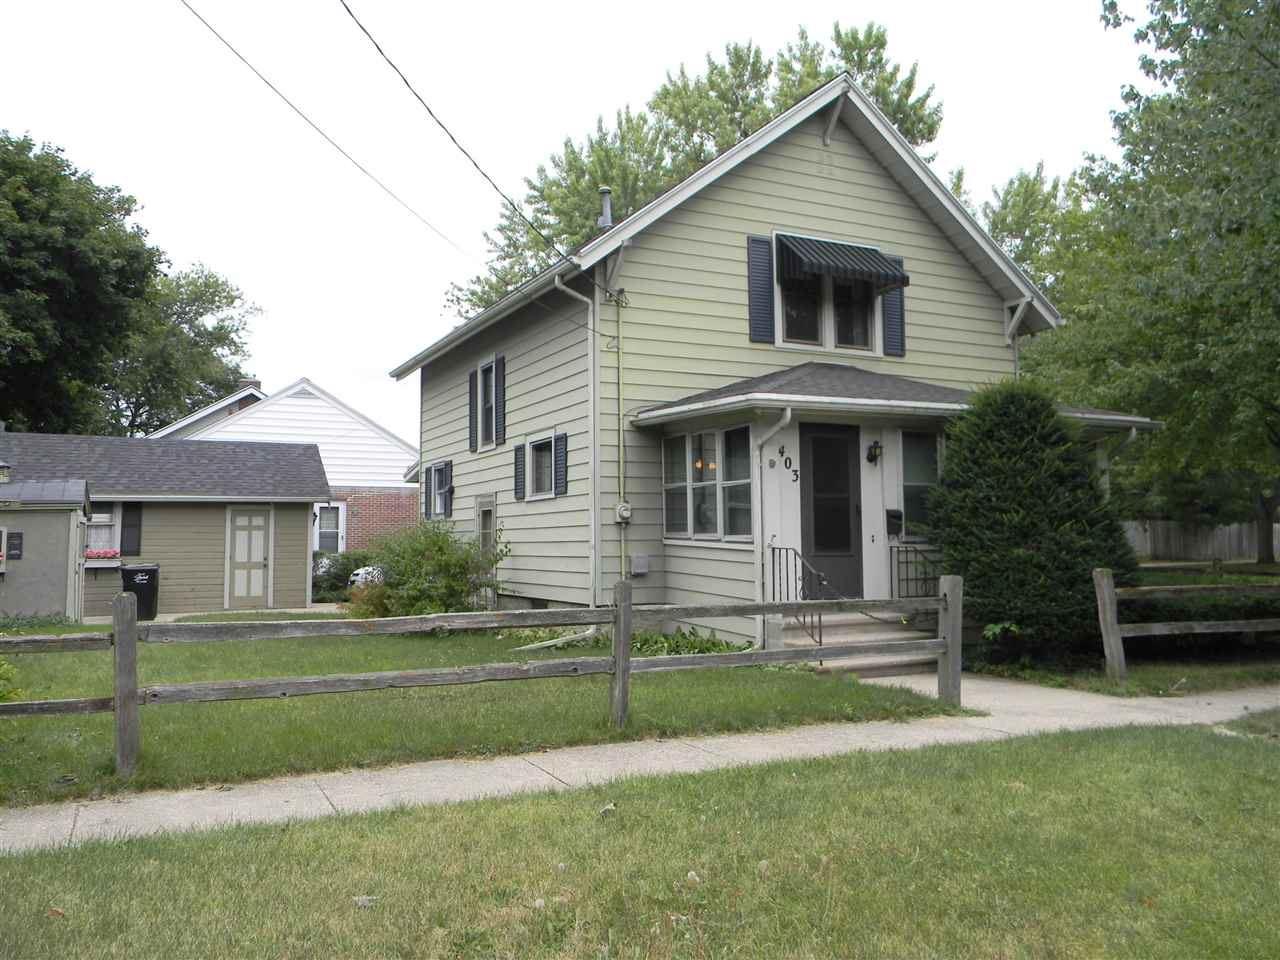 403 Moore St, Beloit, WI 53511 - #: 1890163